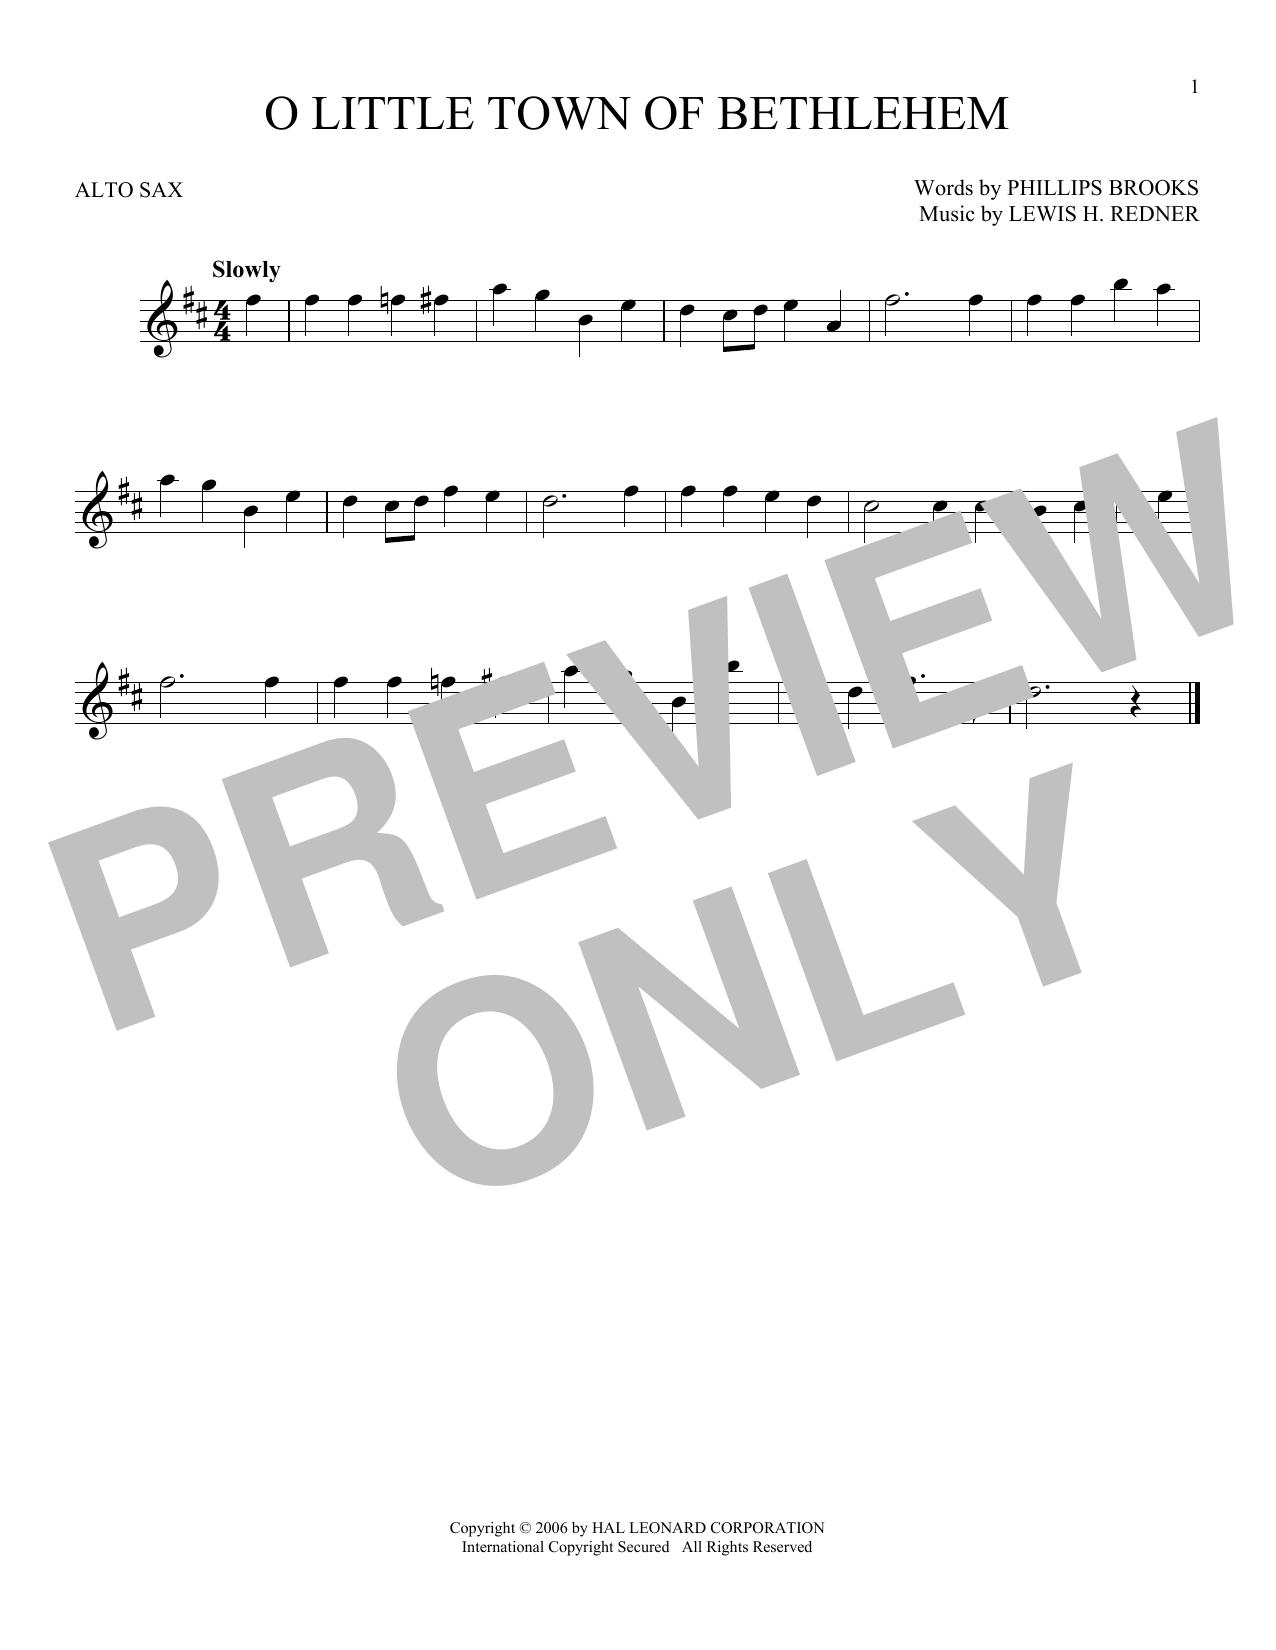 Partition saxophone O Little Town Of Bethlehem de Phillips Brooks - Sax Alto